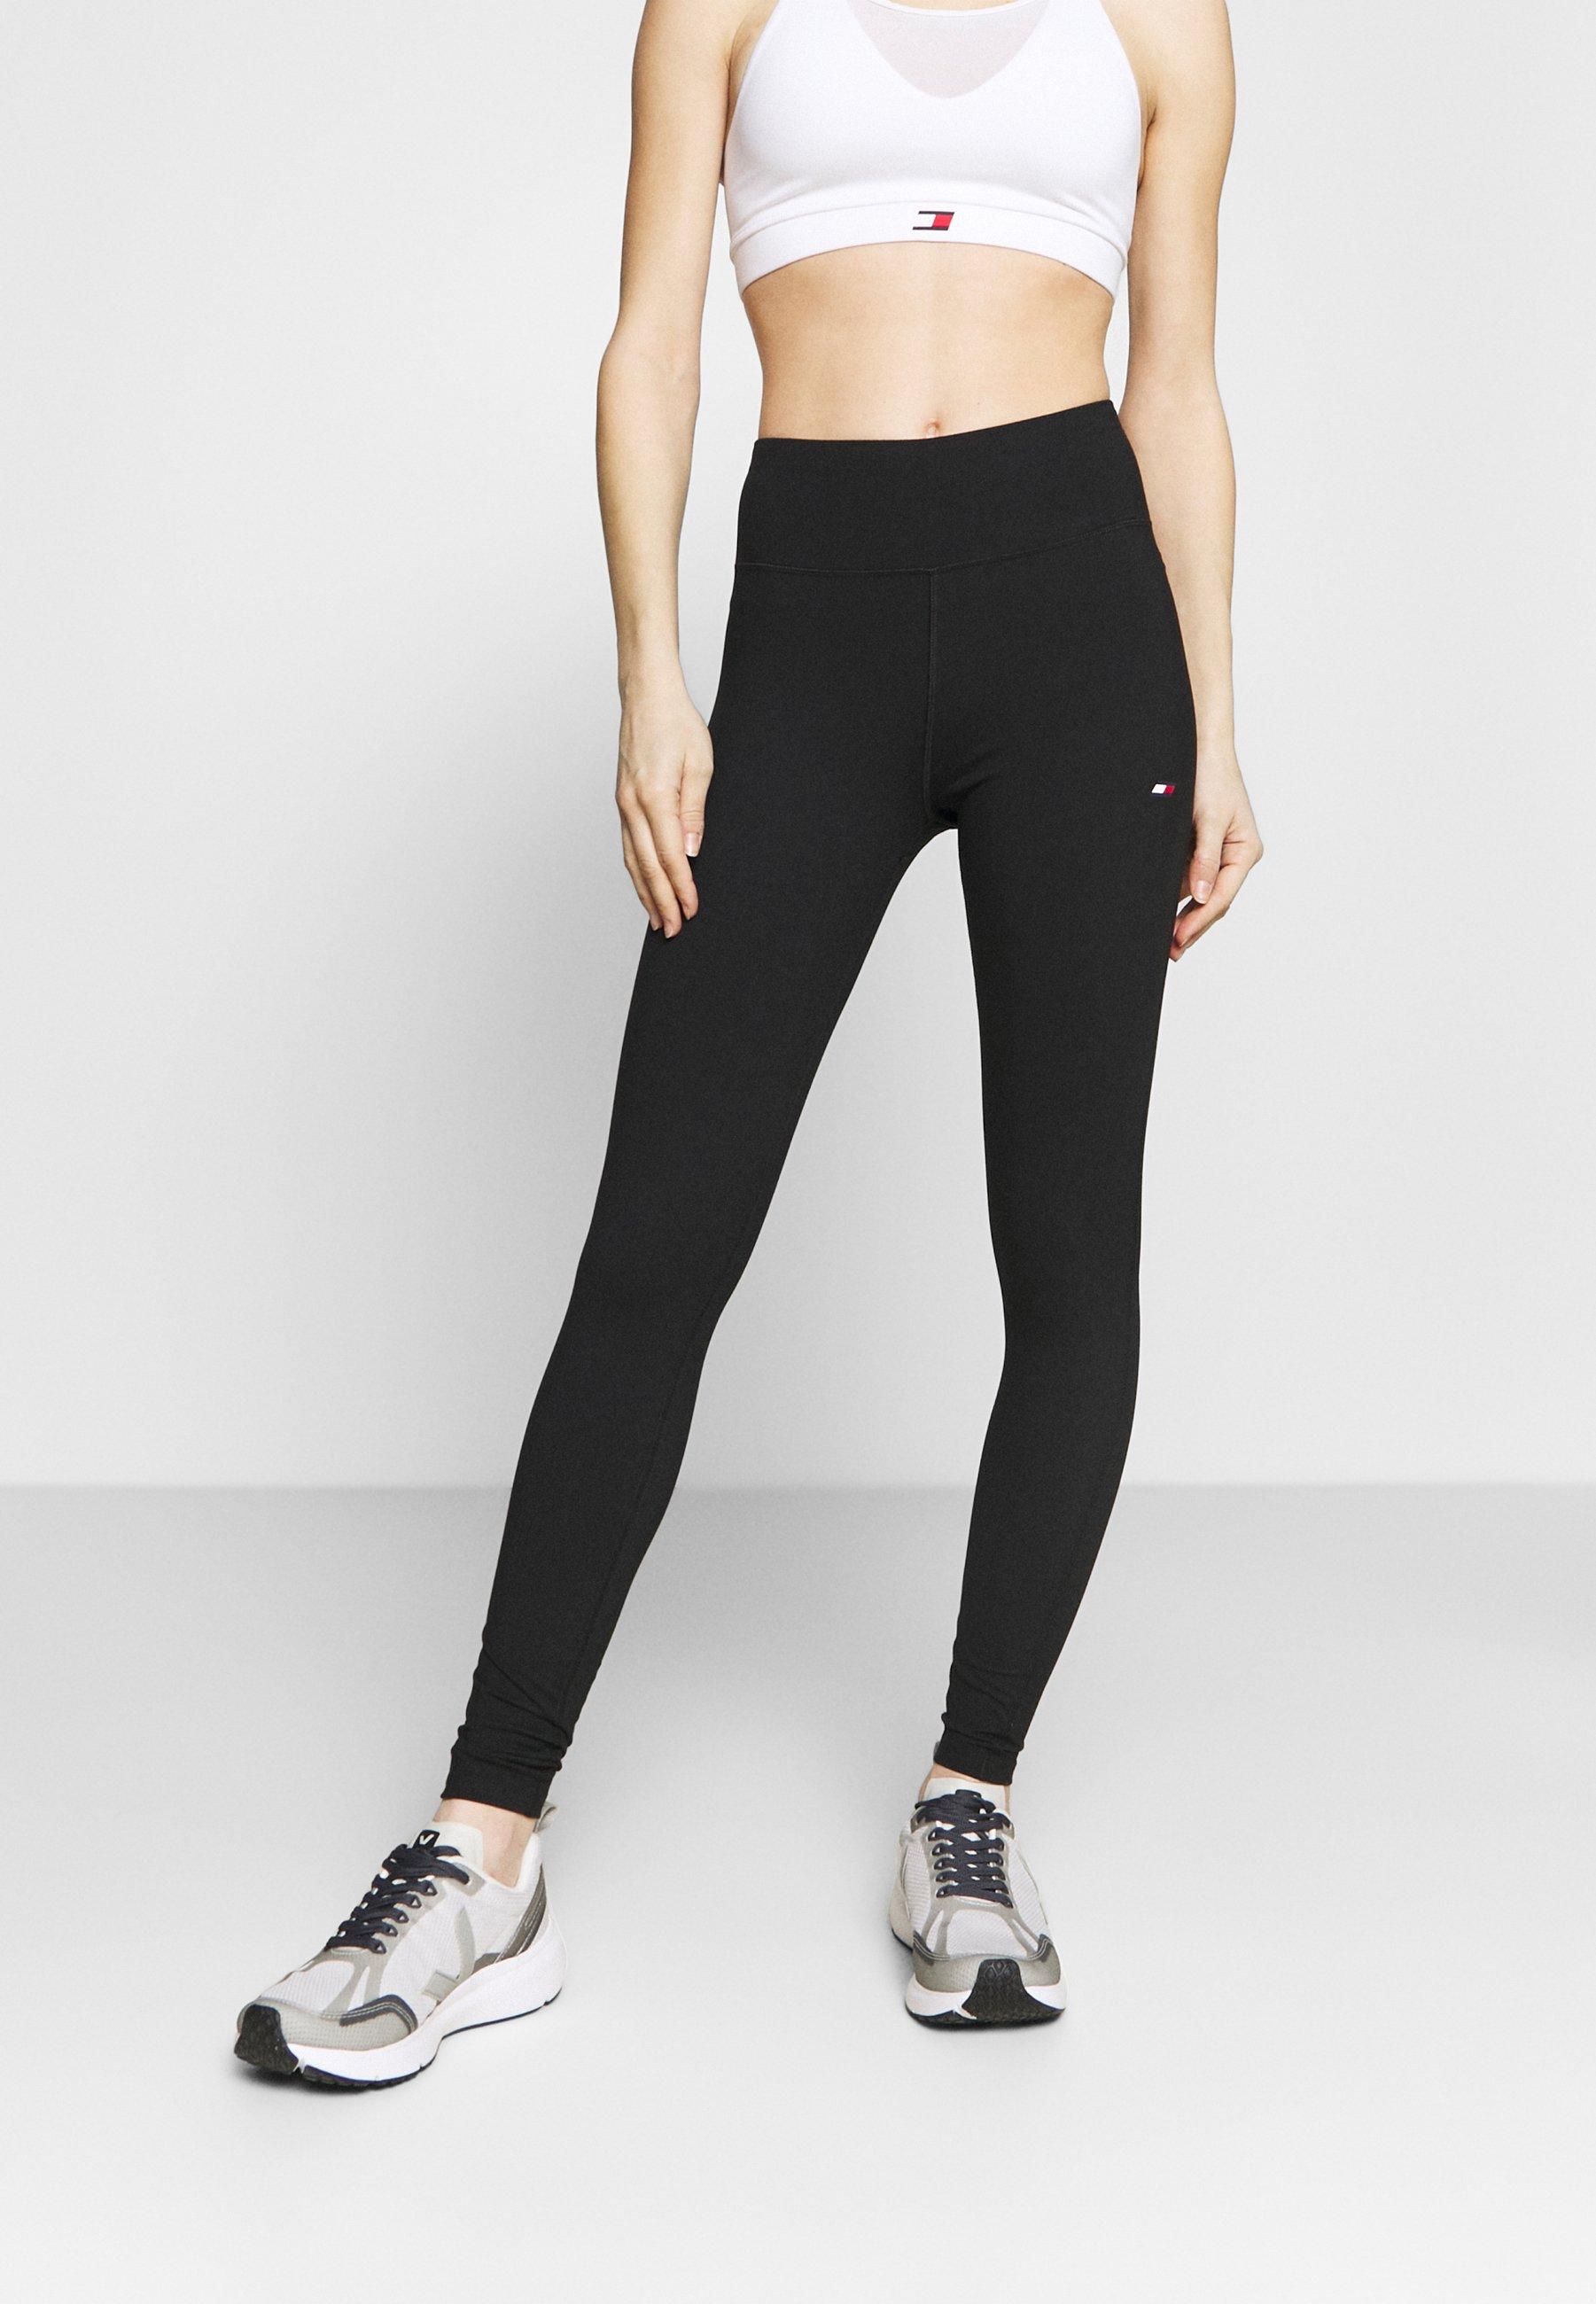 Femme GRAPHIC LEGGING - Collants